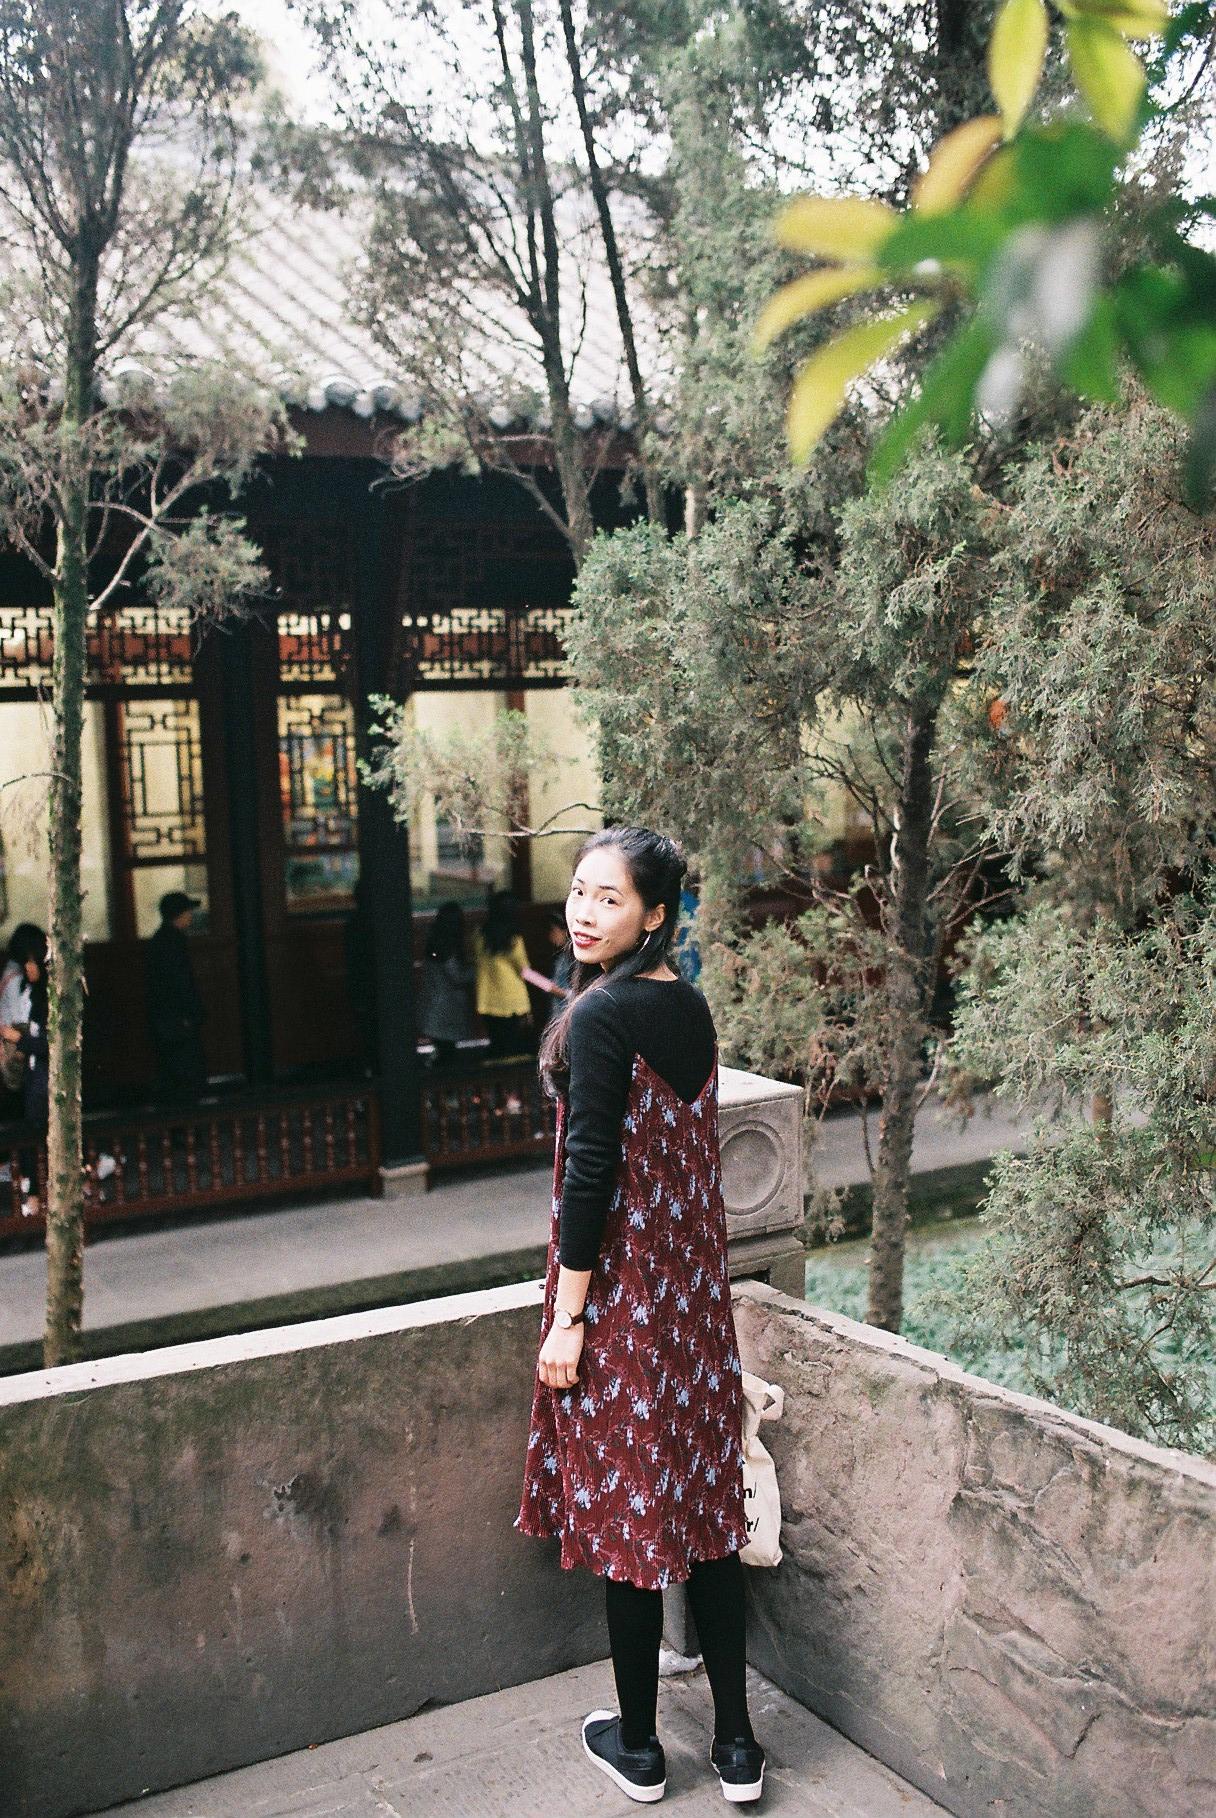 成都/@一棵风花树-菲林中文-独立胶片摄影门户!